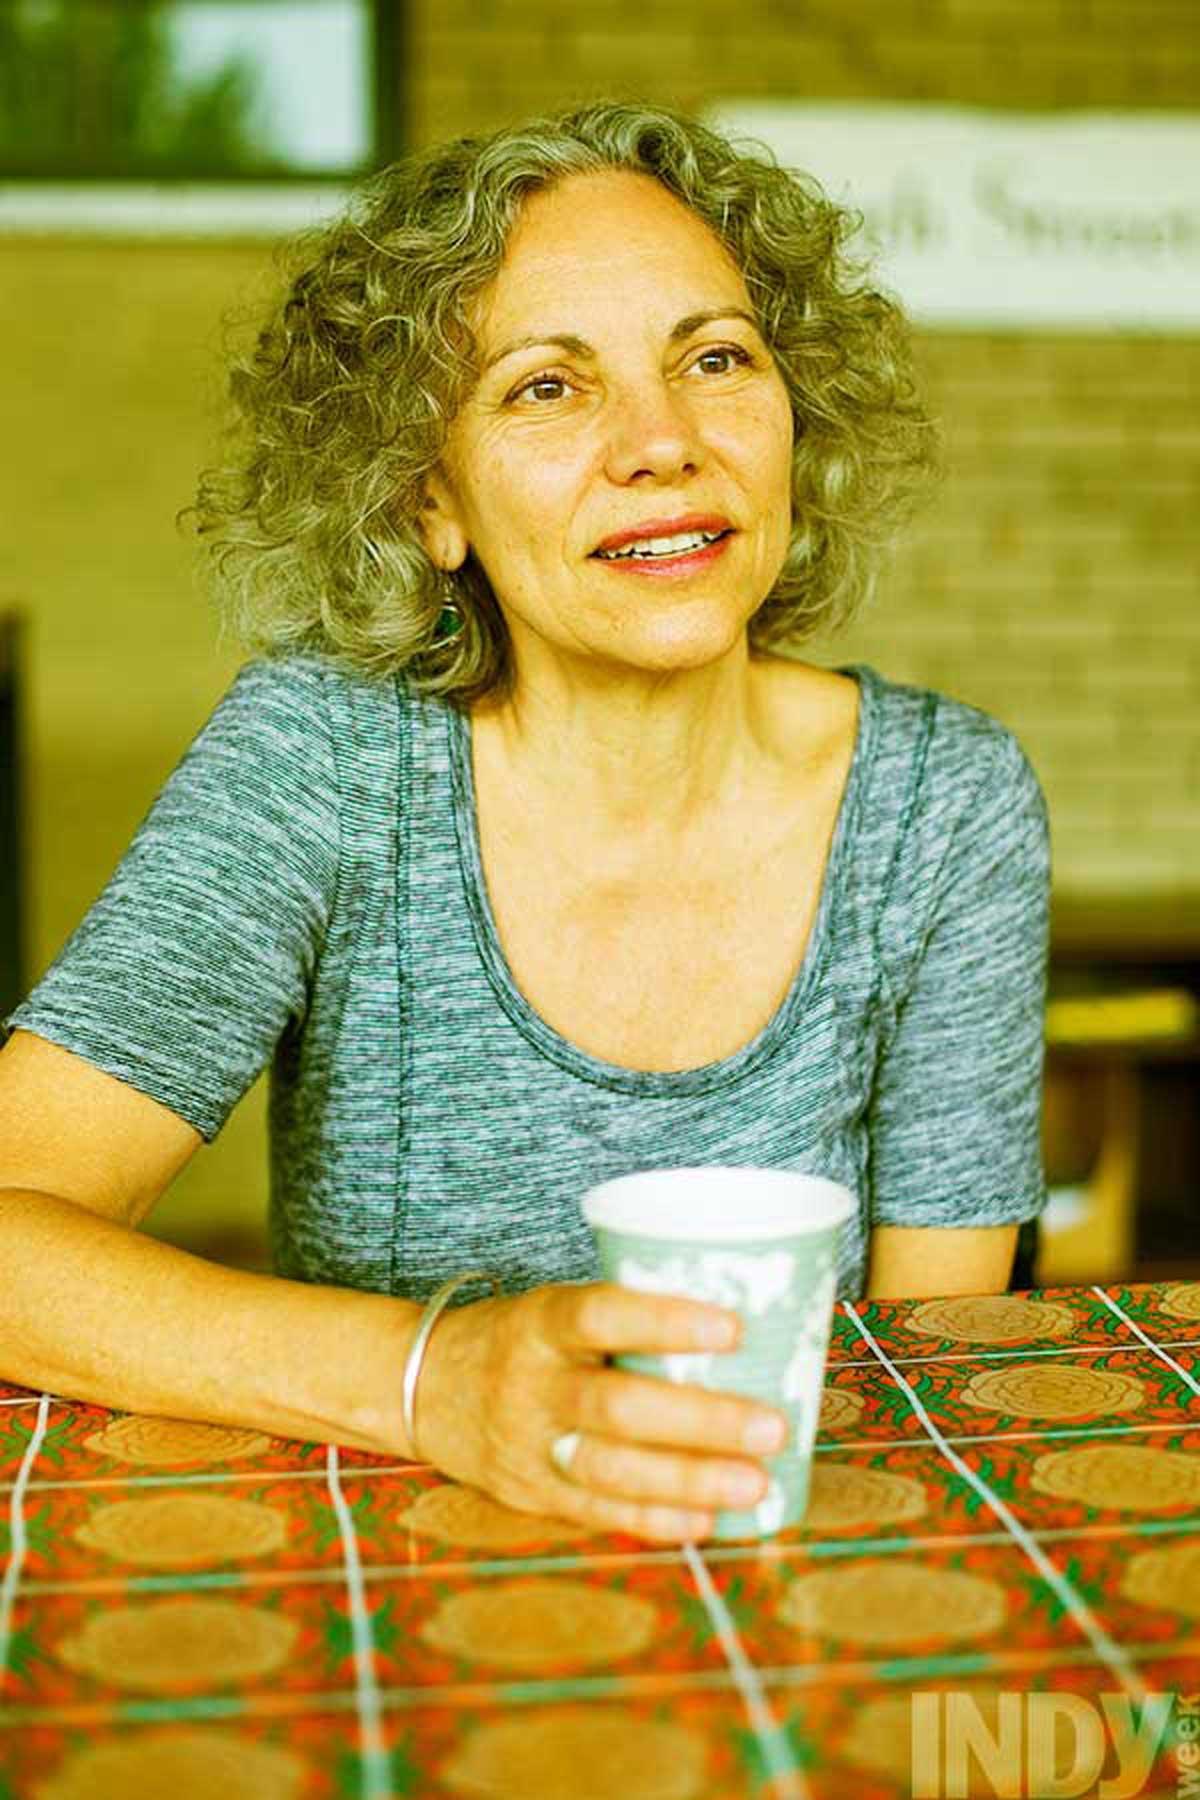 Carol Peppe-Hewitt